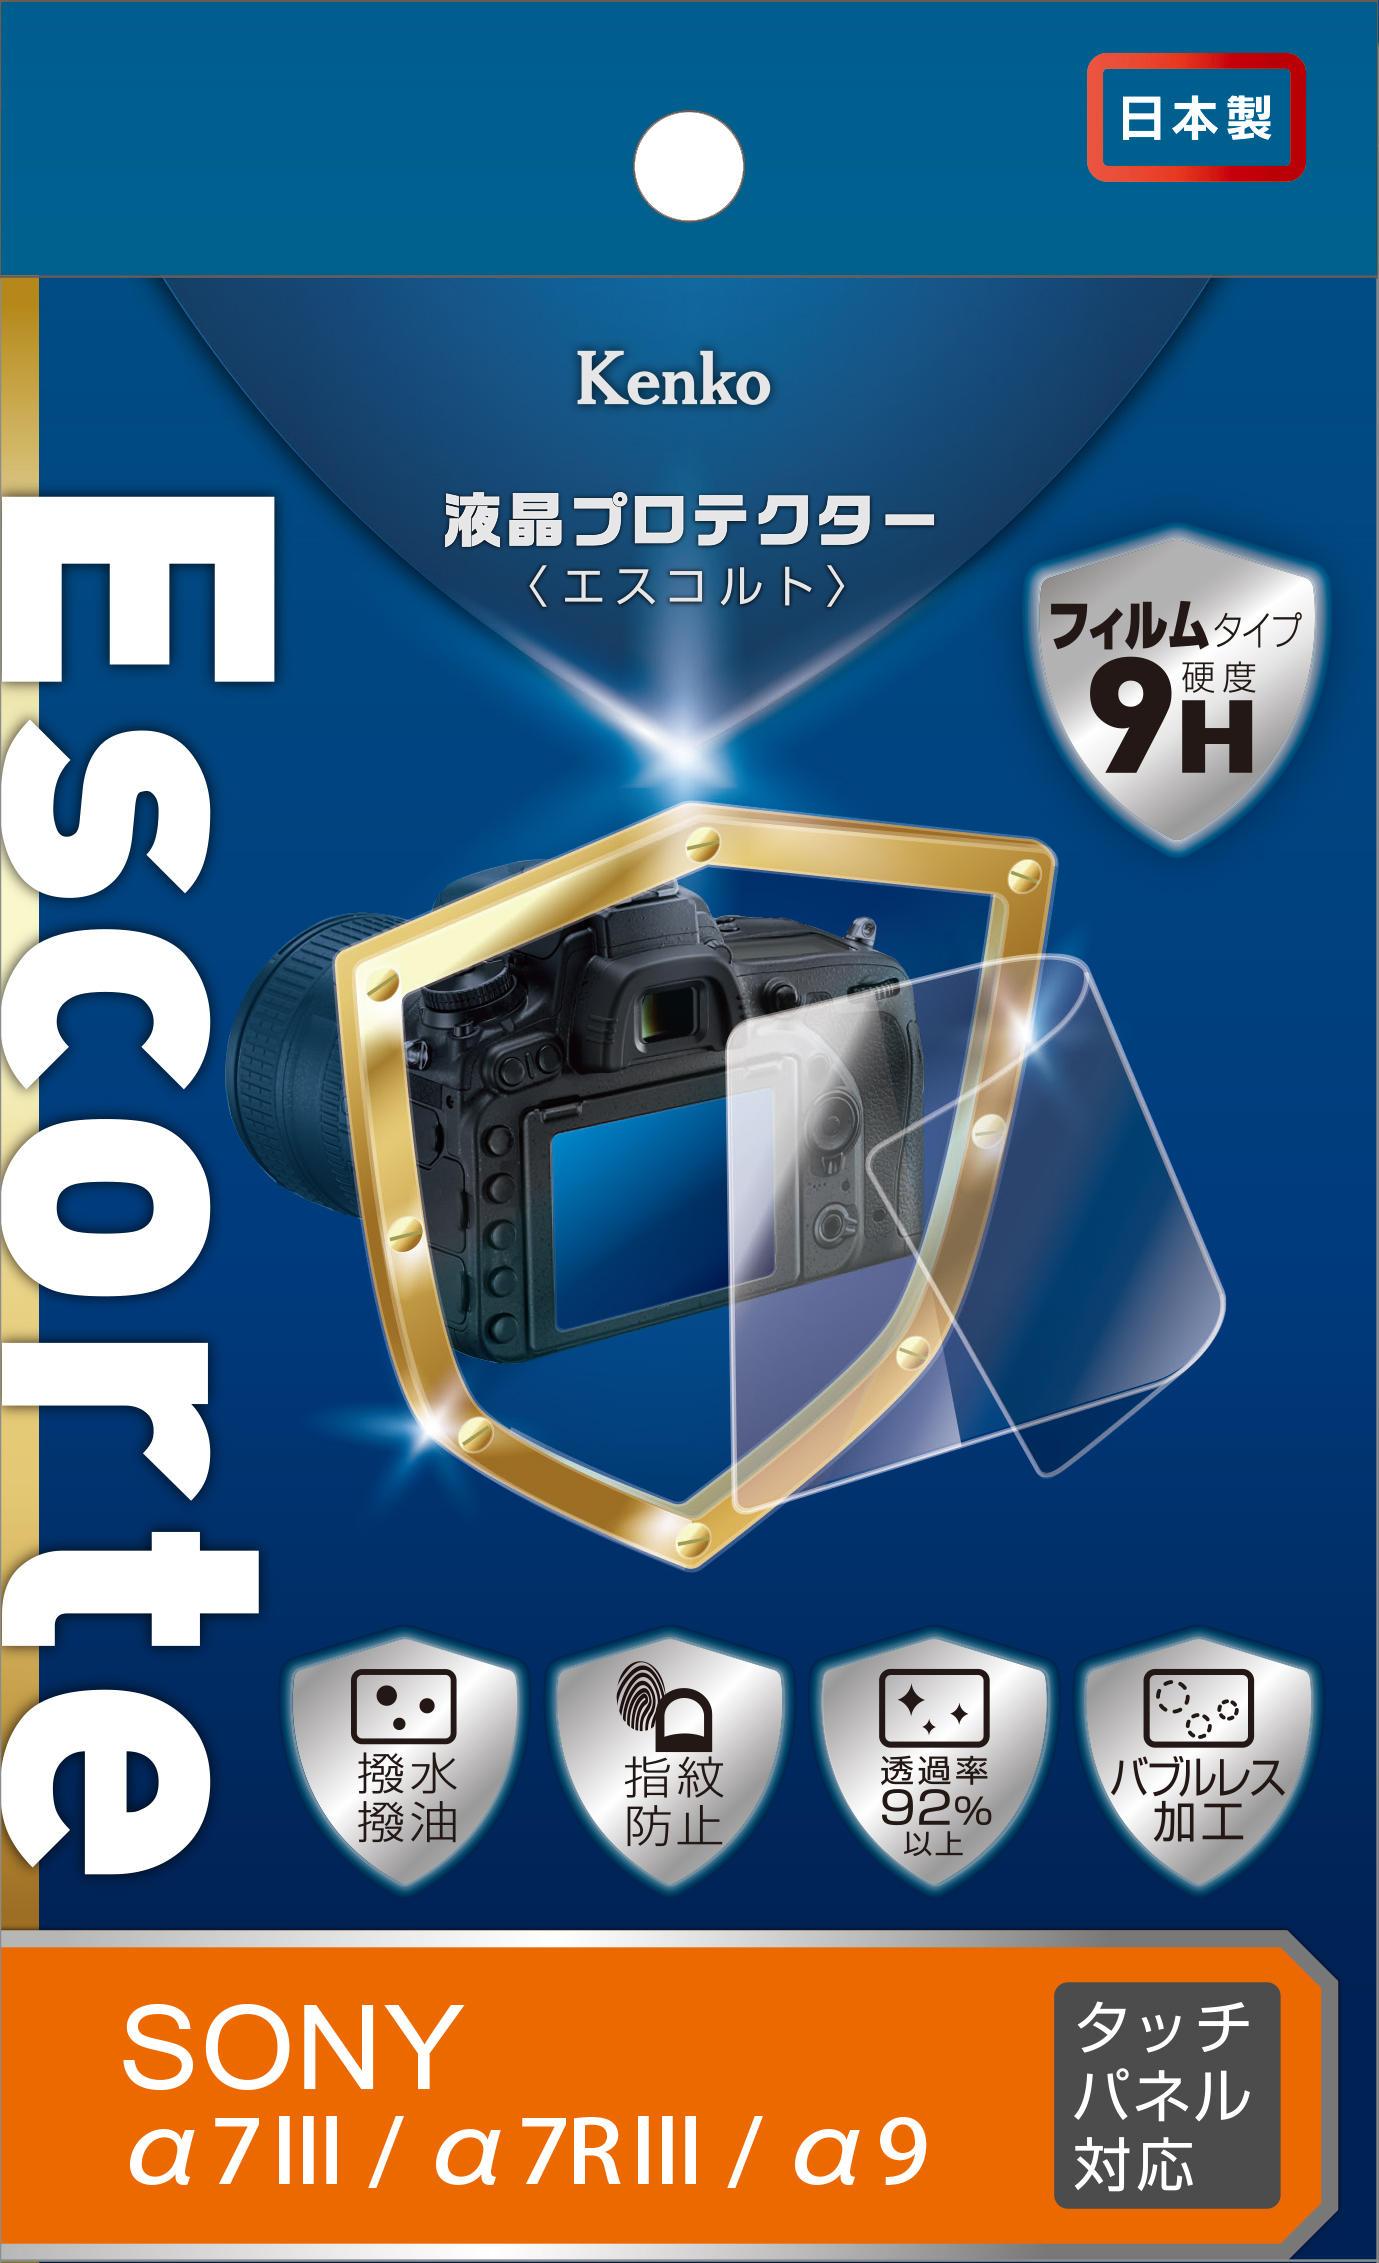 http://www.kenko-tokina.co.jp/imaging/eq/mt-images/4961607681701.jpg